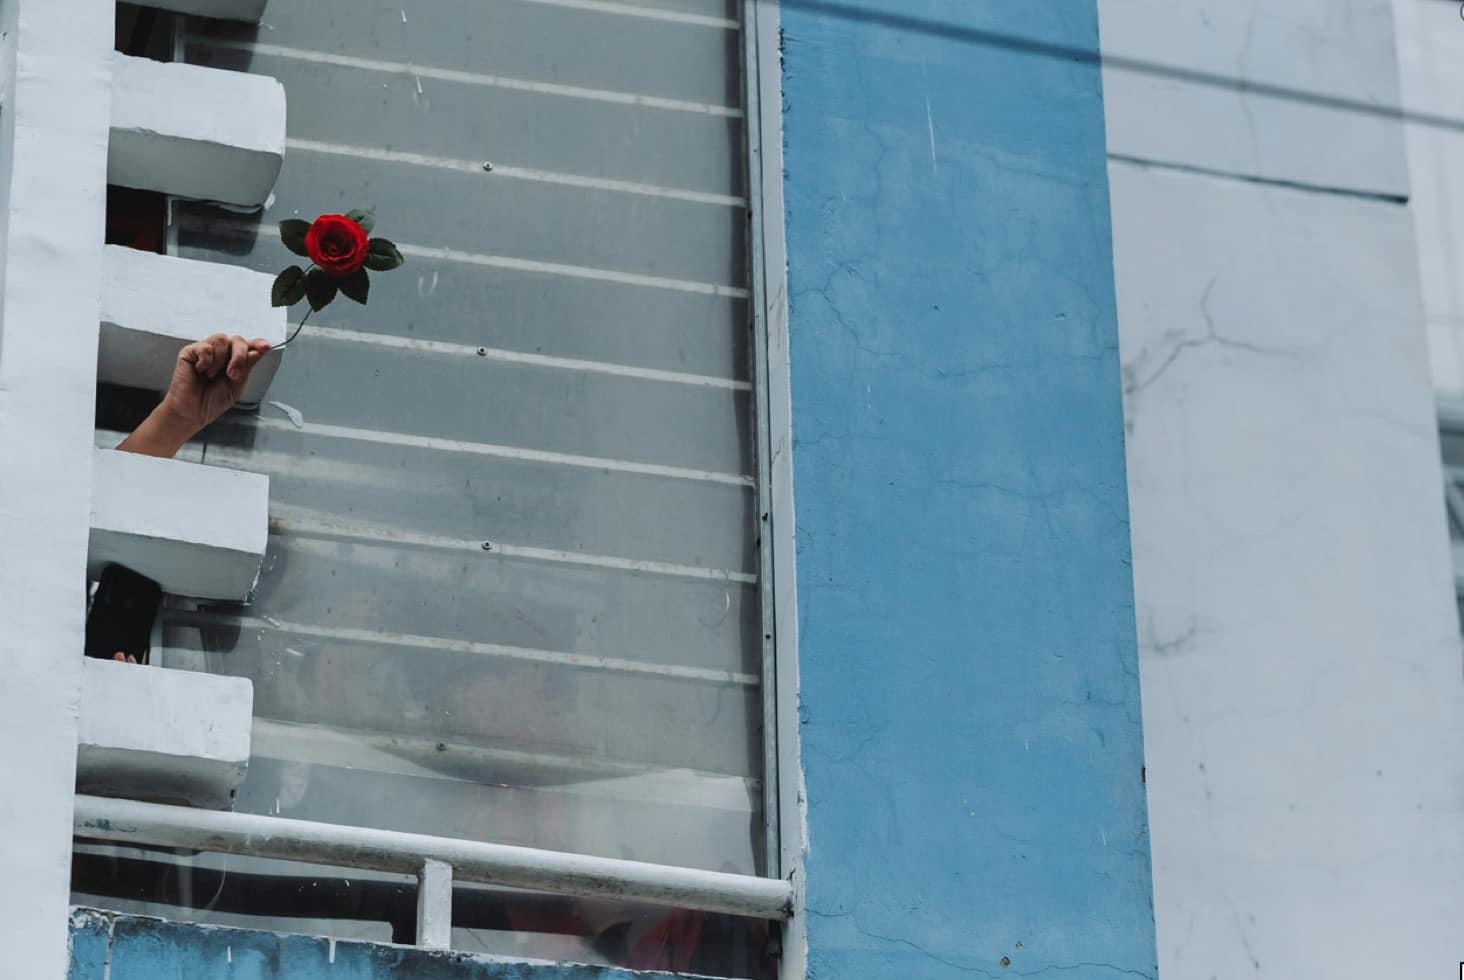 Hình ảnh bông hồng được bệnh nhân đưa ra từ khe cửa khiến Quỳnh Hoa xúc động